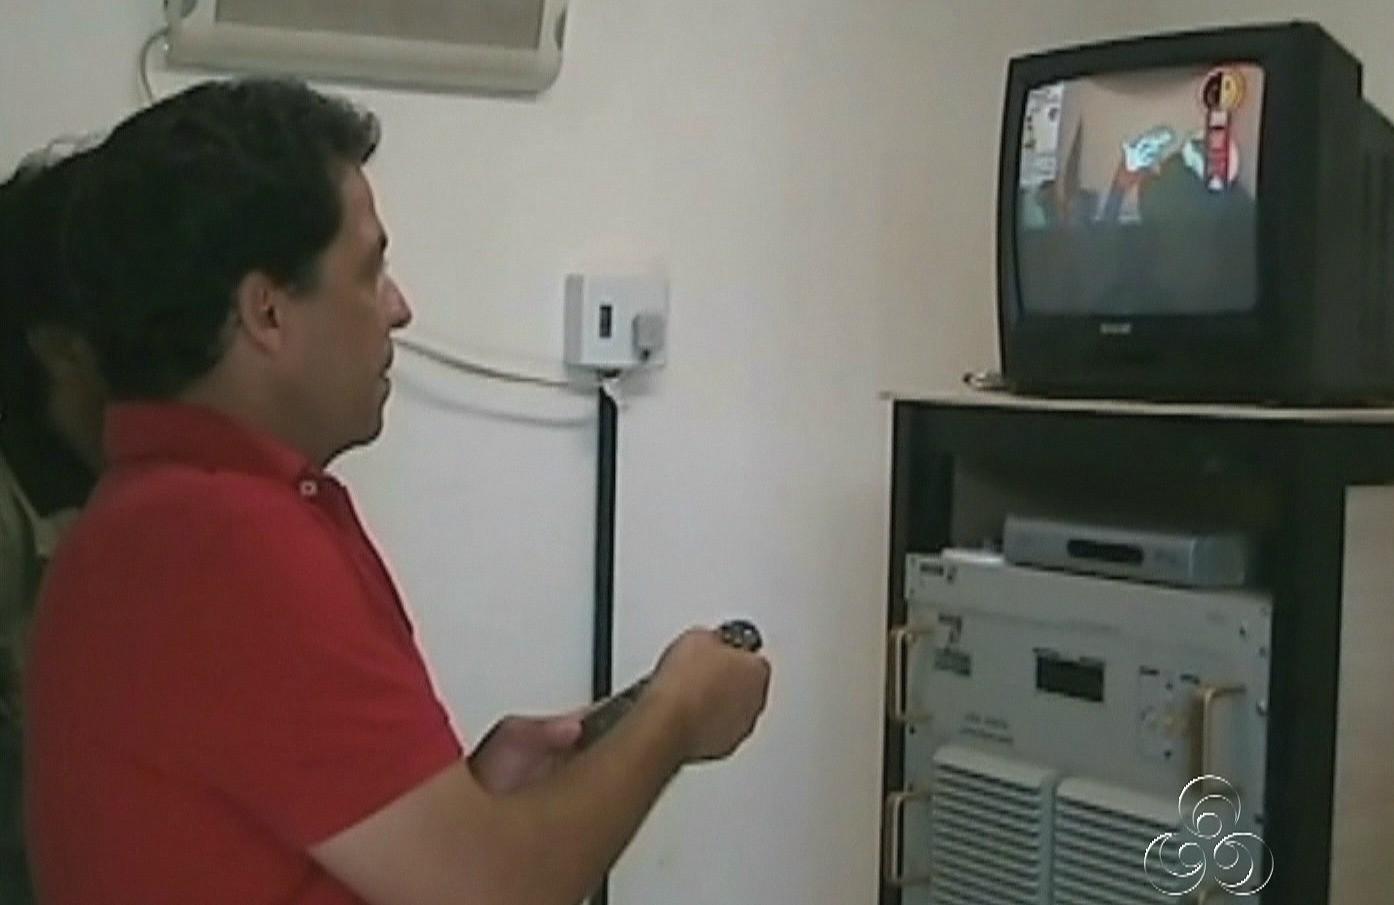 Agora, moradores de Benjamin Constant assistem aos programas da TV Amazonas (Foto: Jornal do Amazonas)